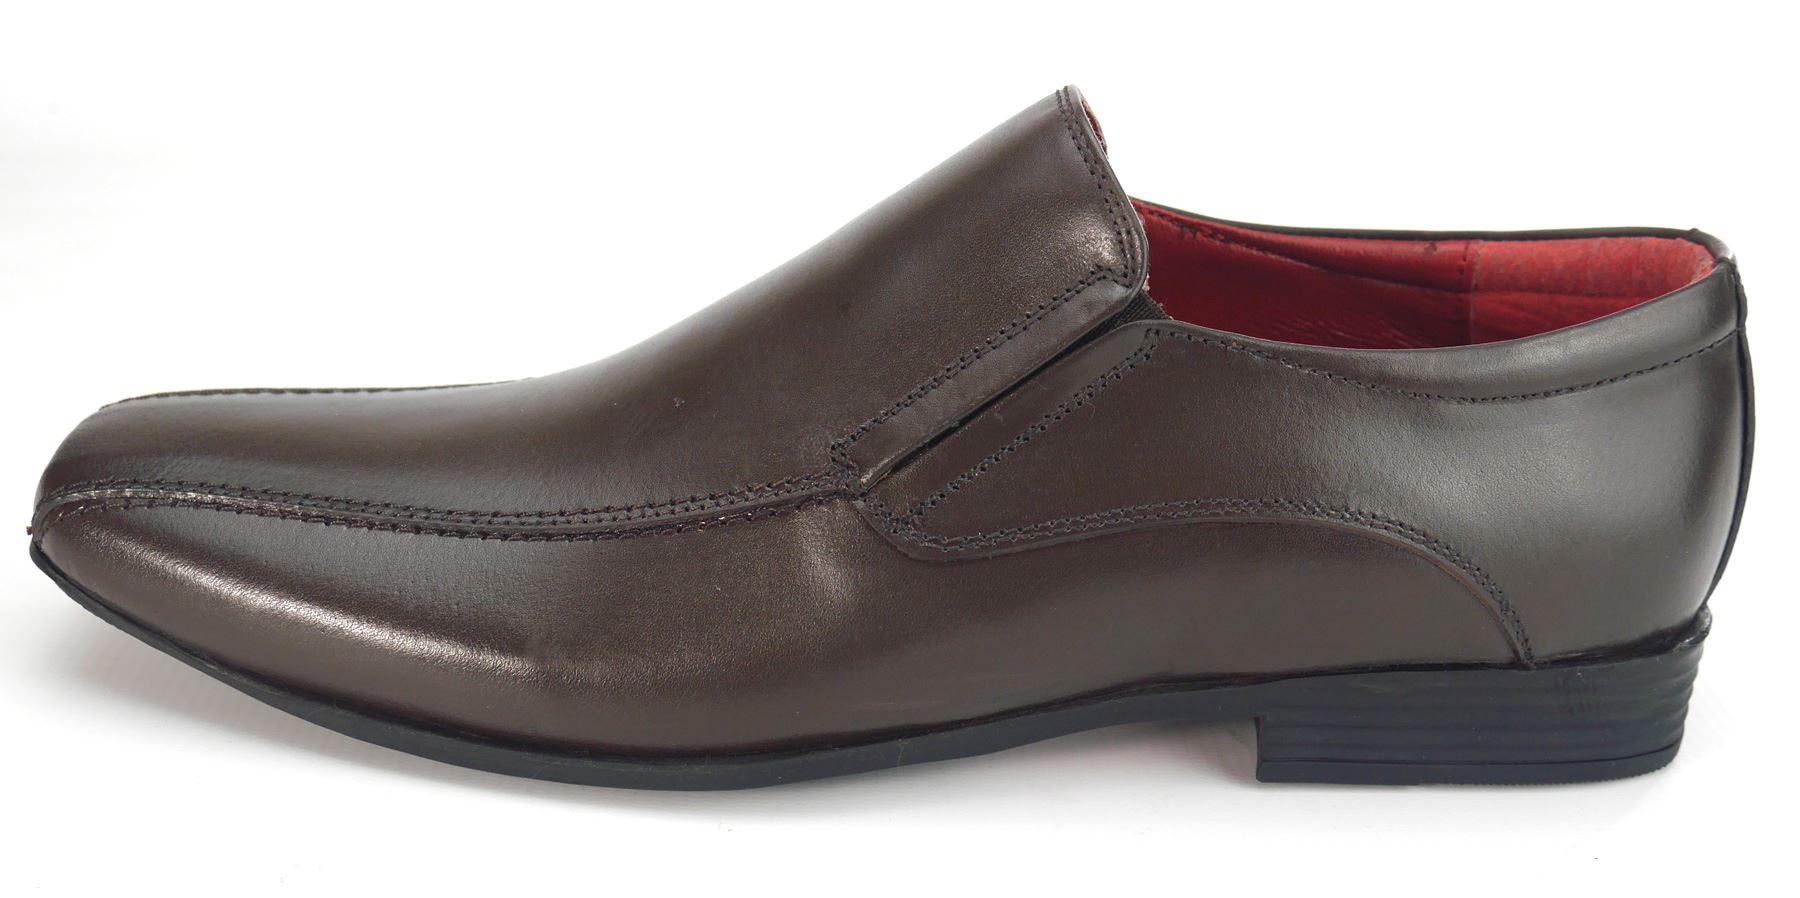 3a2cb52e83efa Lado a pie para hombre alta calidad Real zapatos de cuero. Estos zapatos  cuentan con una parte superior de cuero genuino a diferencia de la  artificial ...